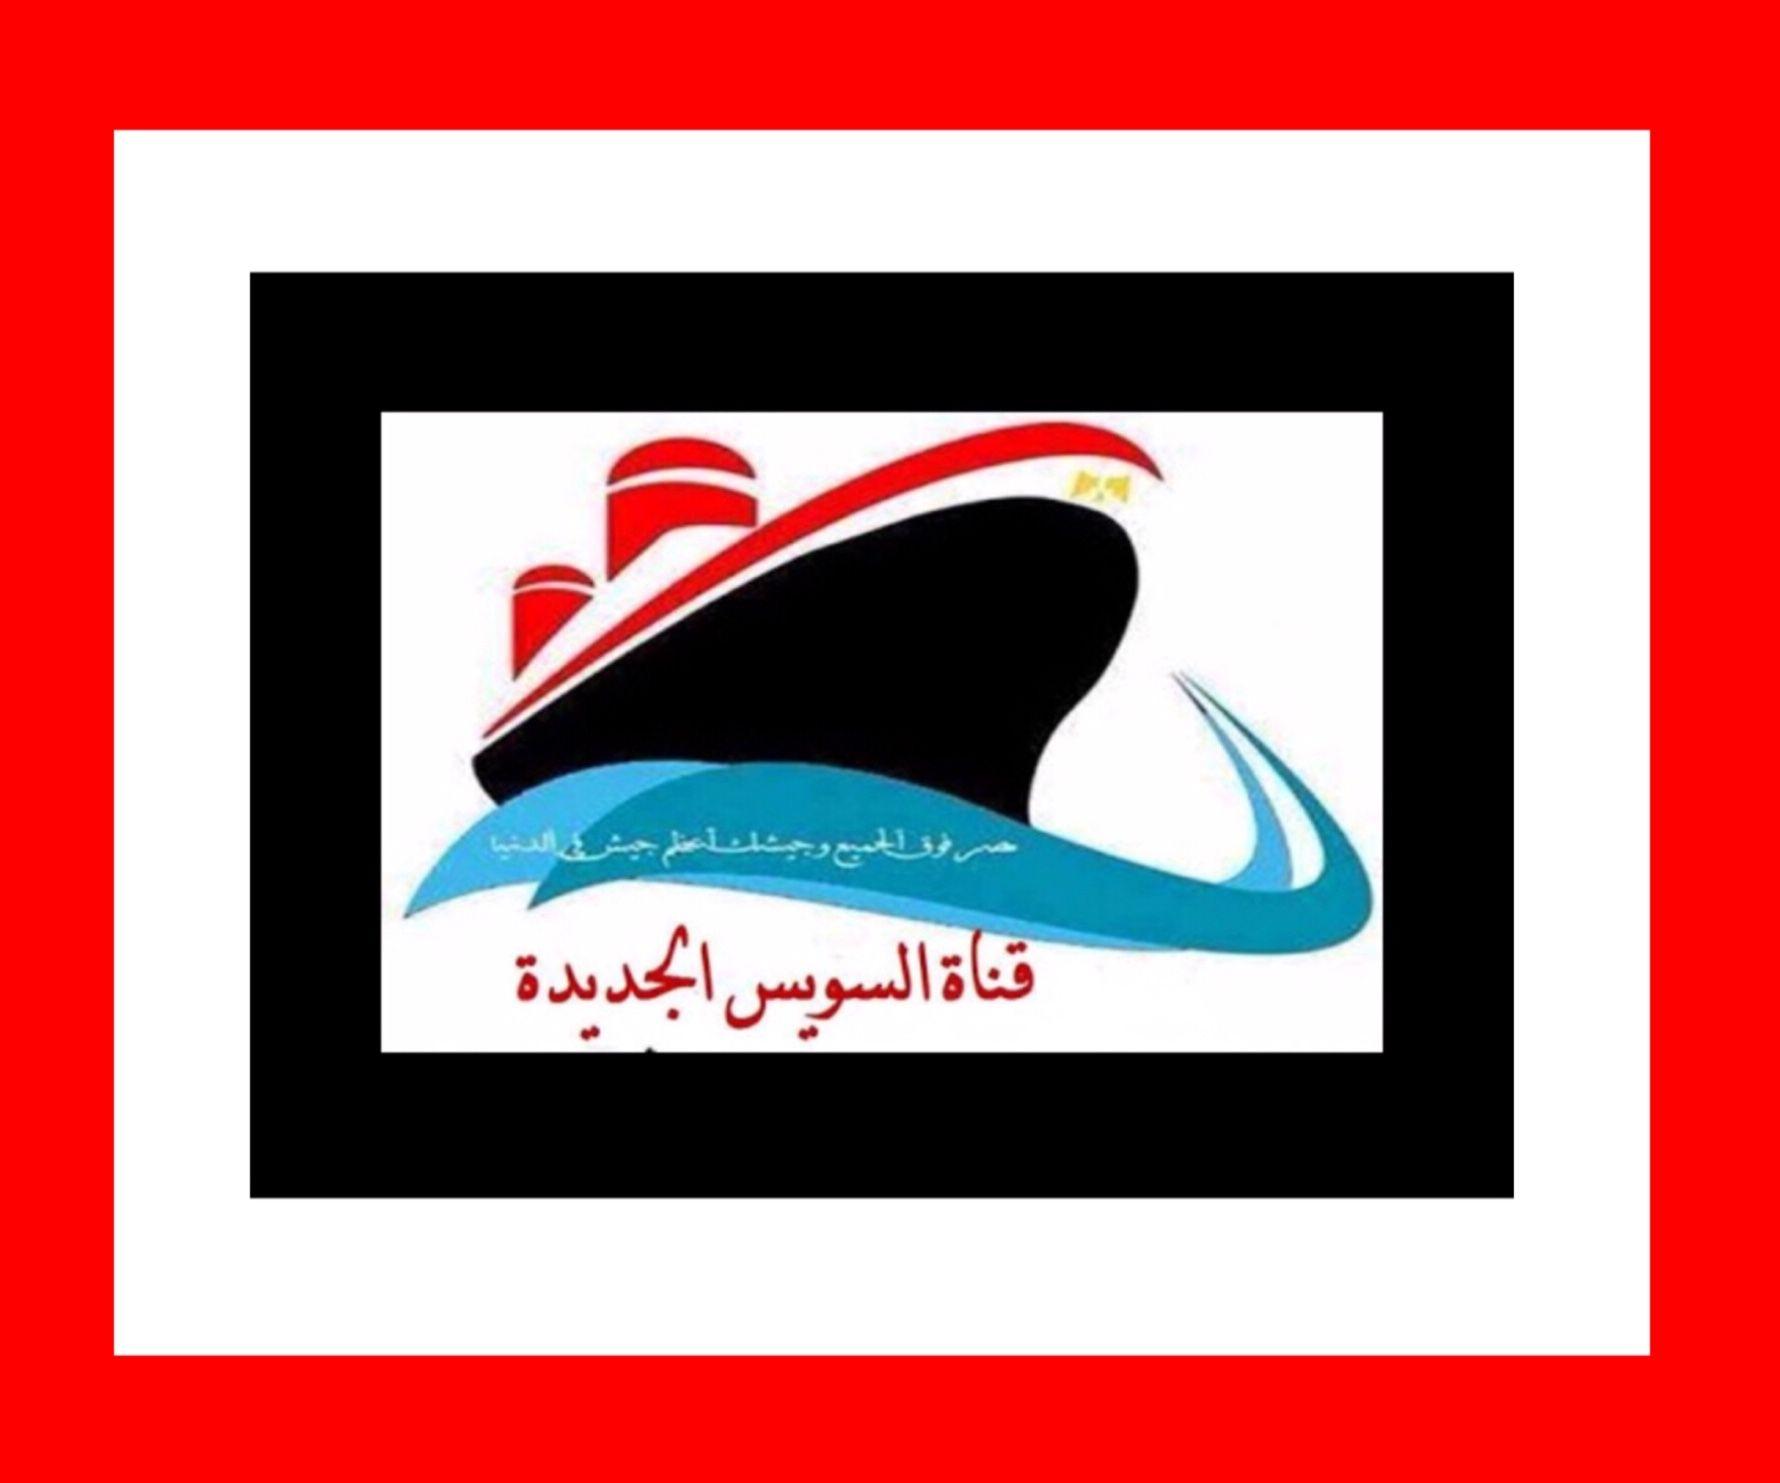 قناة السويس الجديدة تحيا مصر Symbols Art Letters